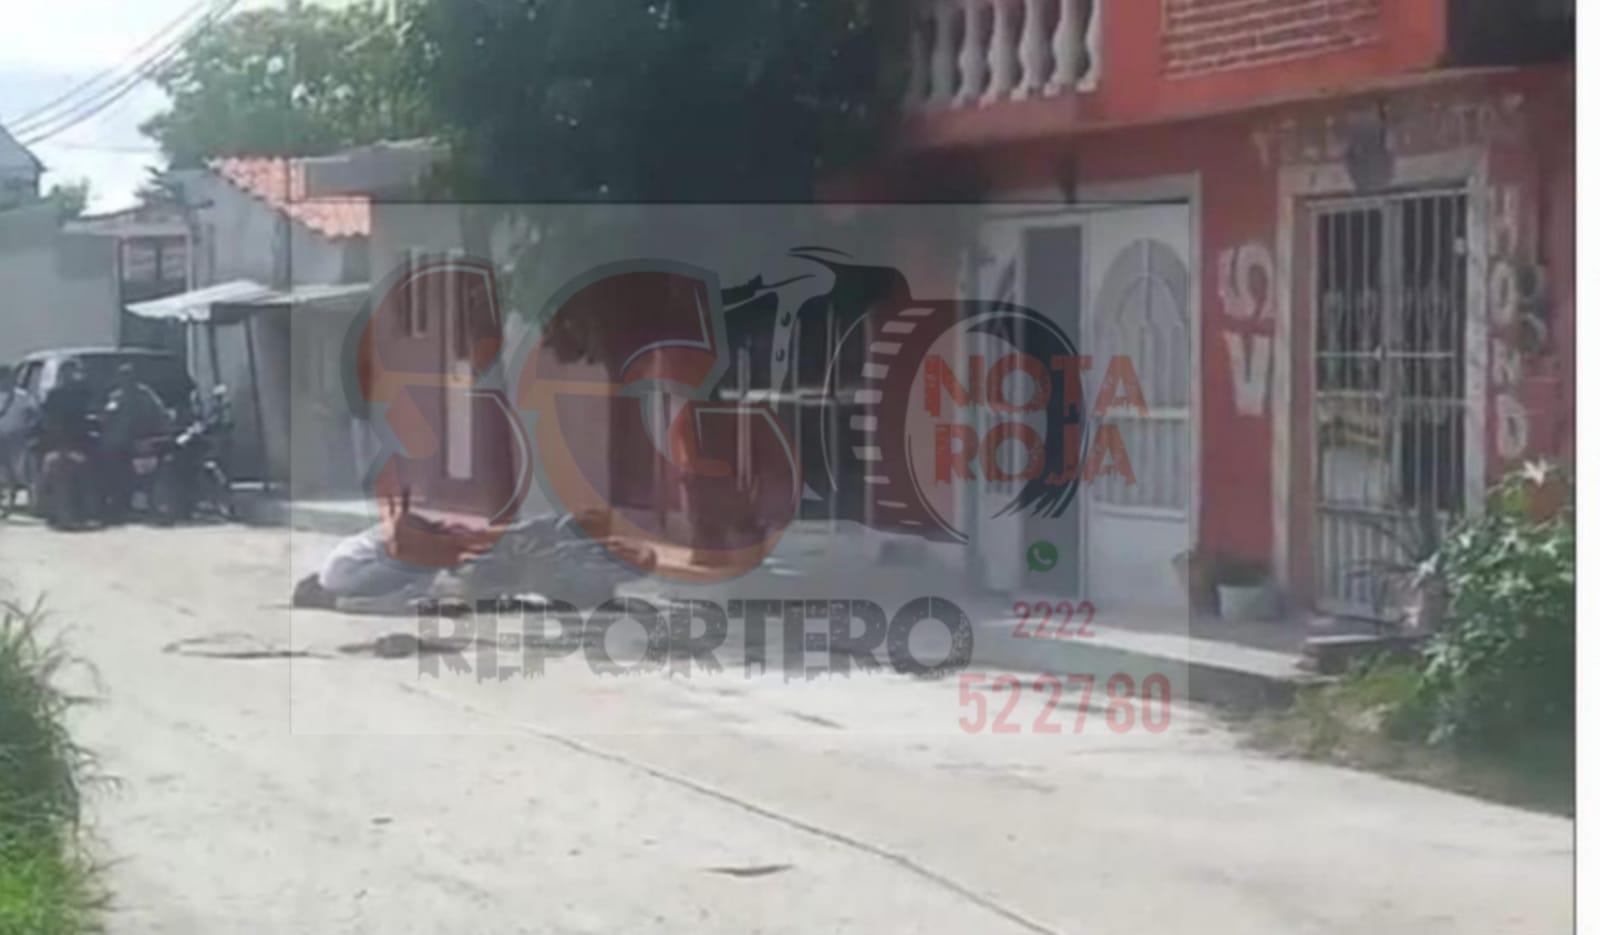 Asesinan a balazos a un motociclista en la Colonia Cruz Verde en Izúcar de Matamoros